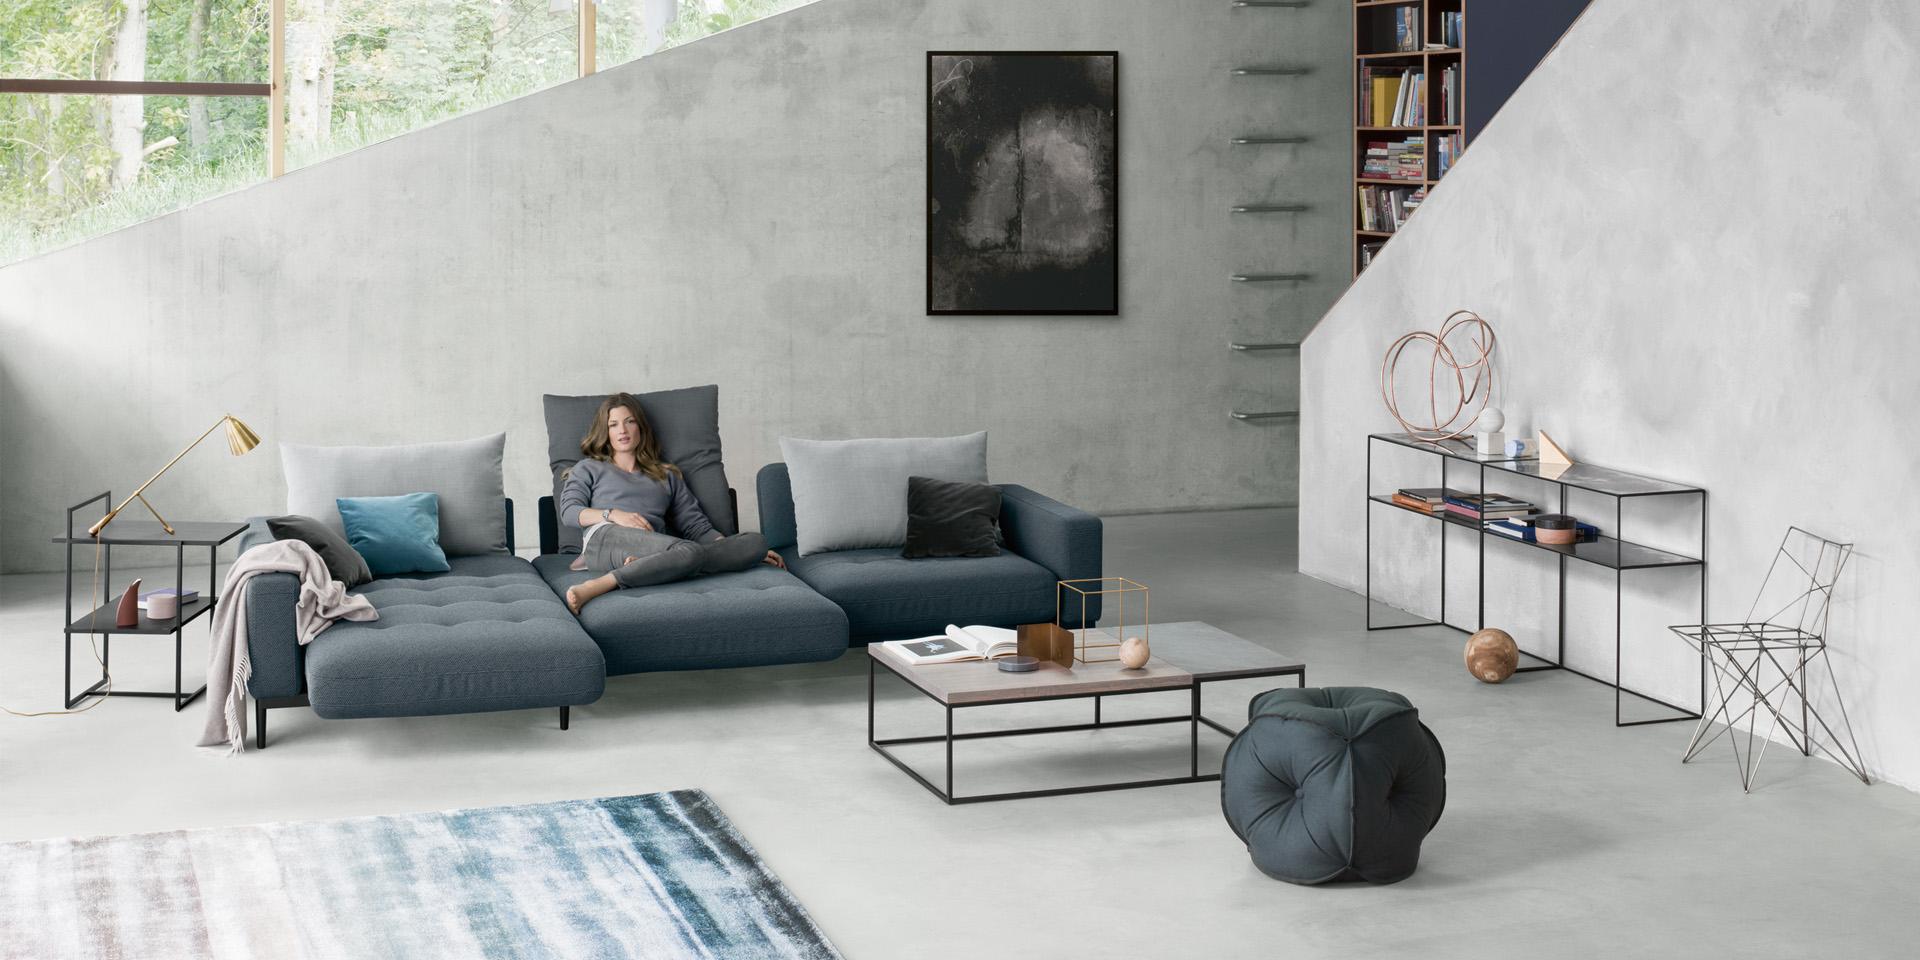 rolf benz bei fenchel wohnfaszination gmbh. Black Bedroom Furniture Sets. Home Design Ideas